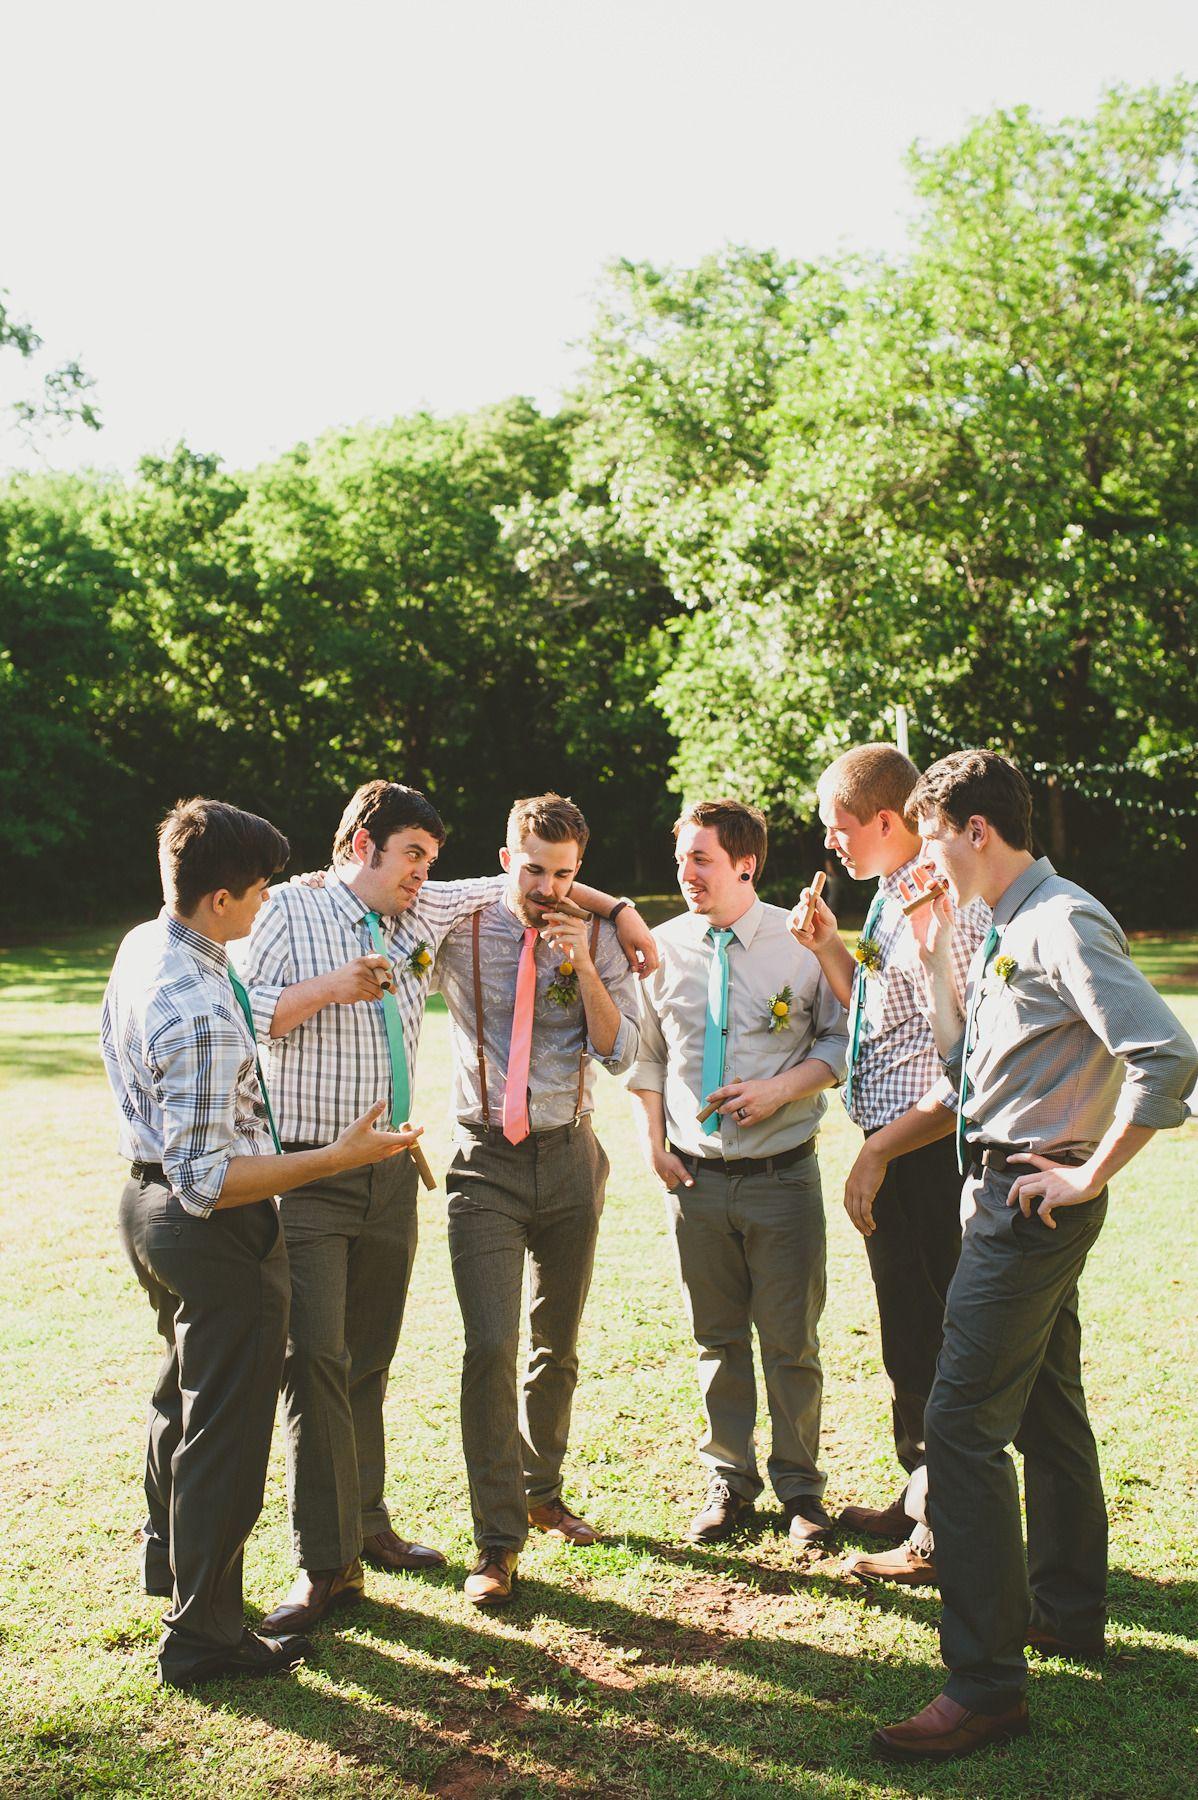 Earthy Summer Backyard Wedding | Casual wedding attire ...